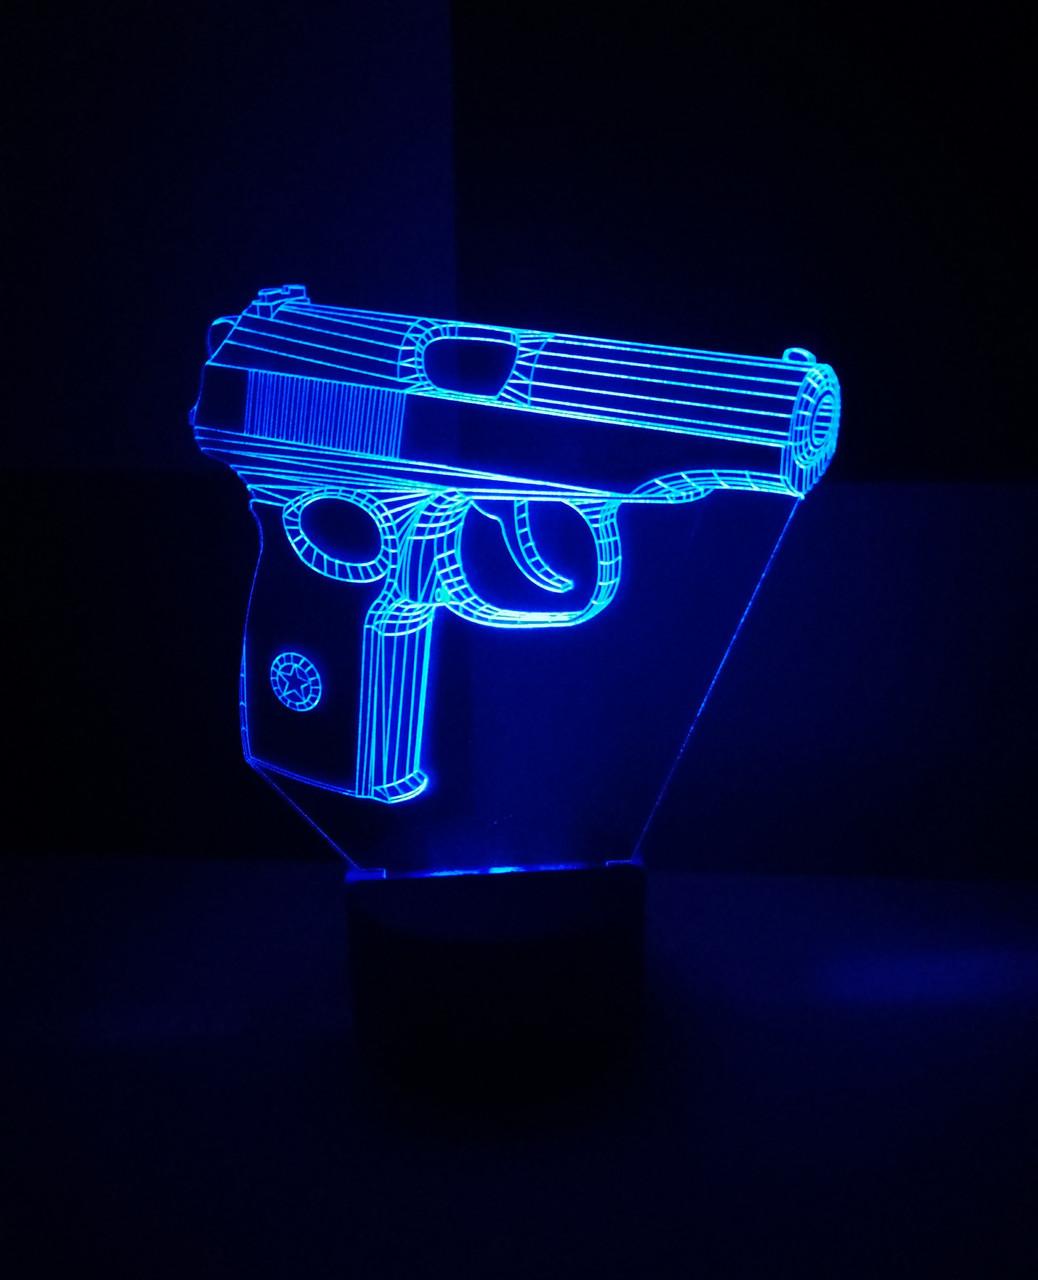 3d-светильник Пистолет Макарова, 3д-ночник, несколько подсветок (батарейке)